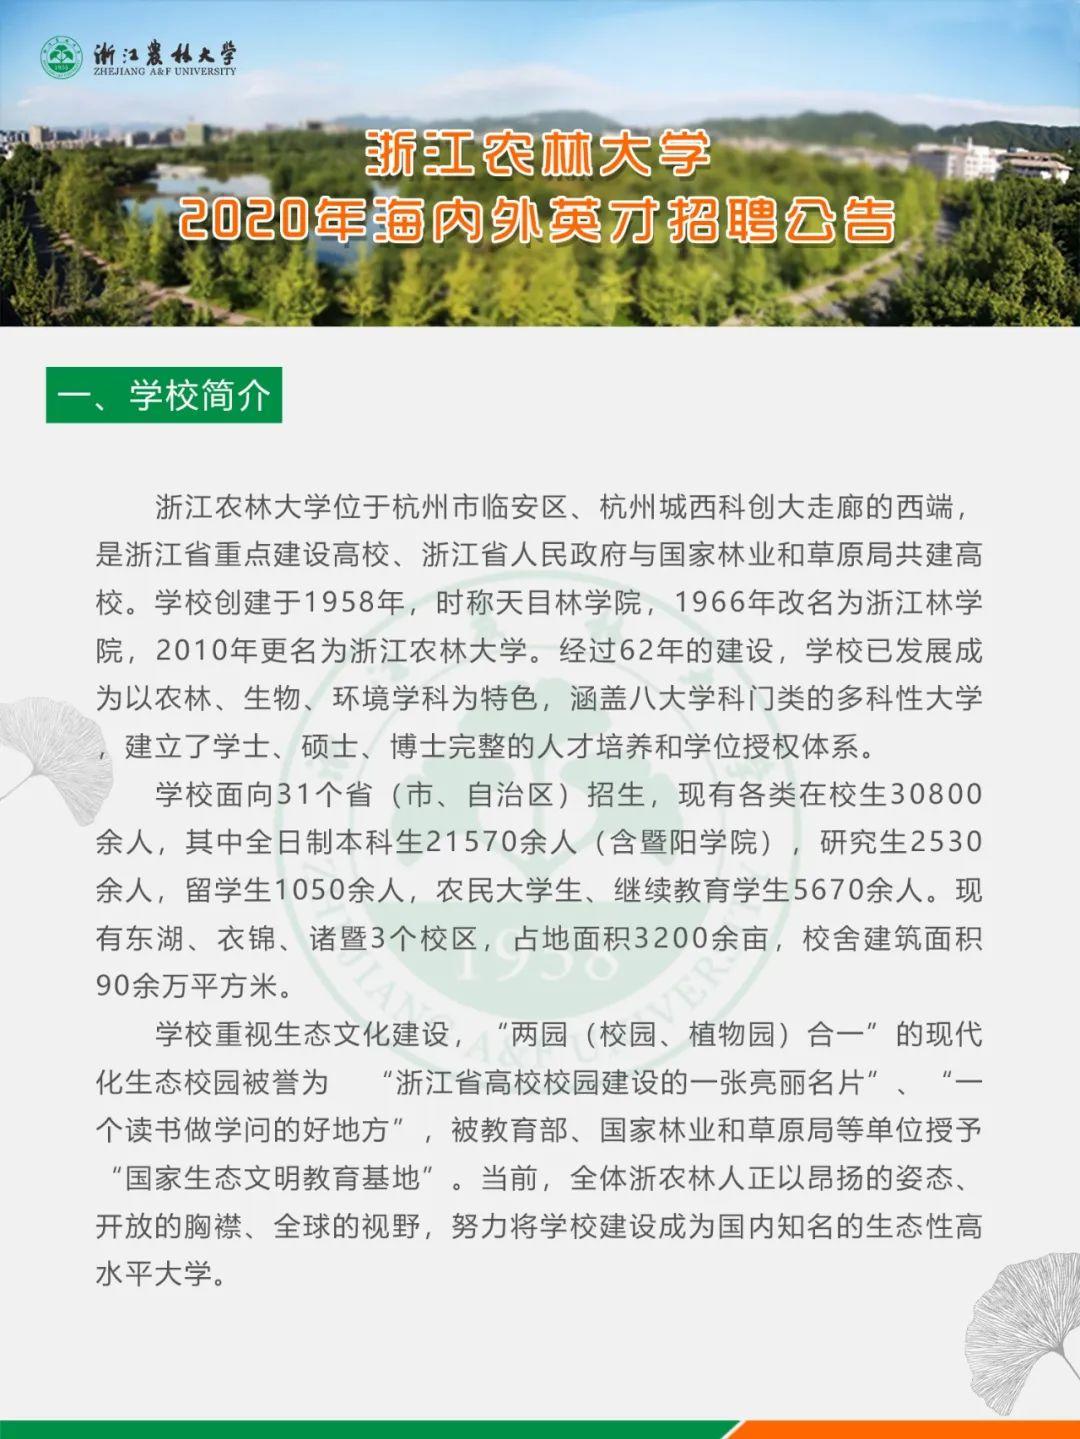 摩天平台加入浙摩天平台江农林大学图片